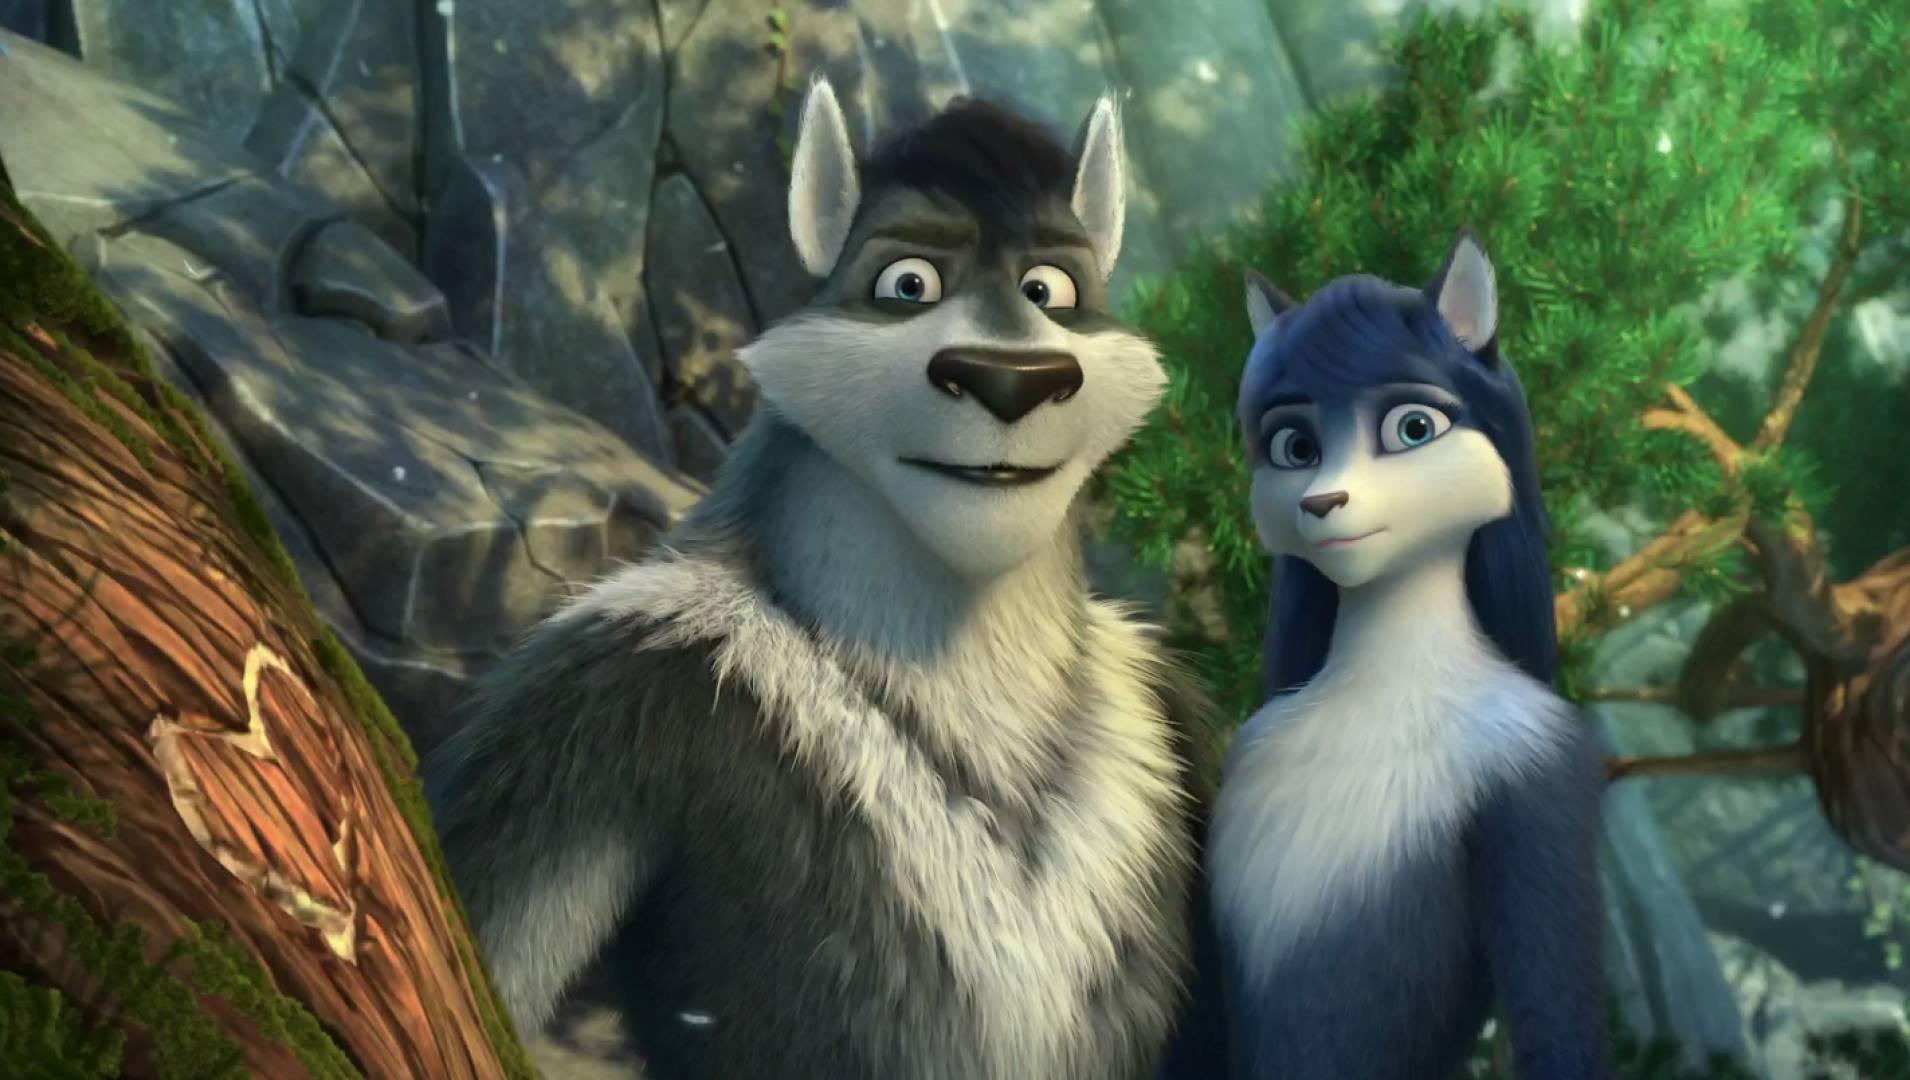 картинки волки и овцы бьянки